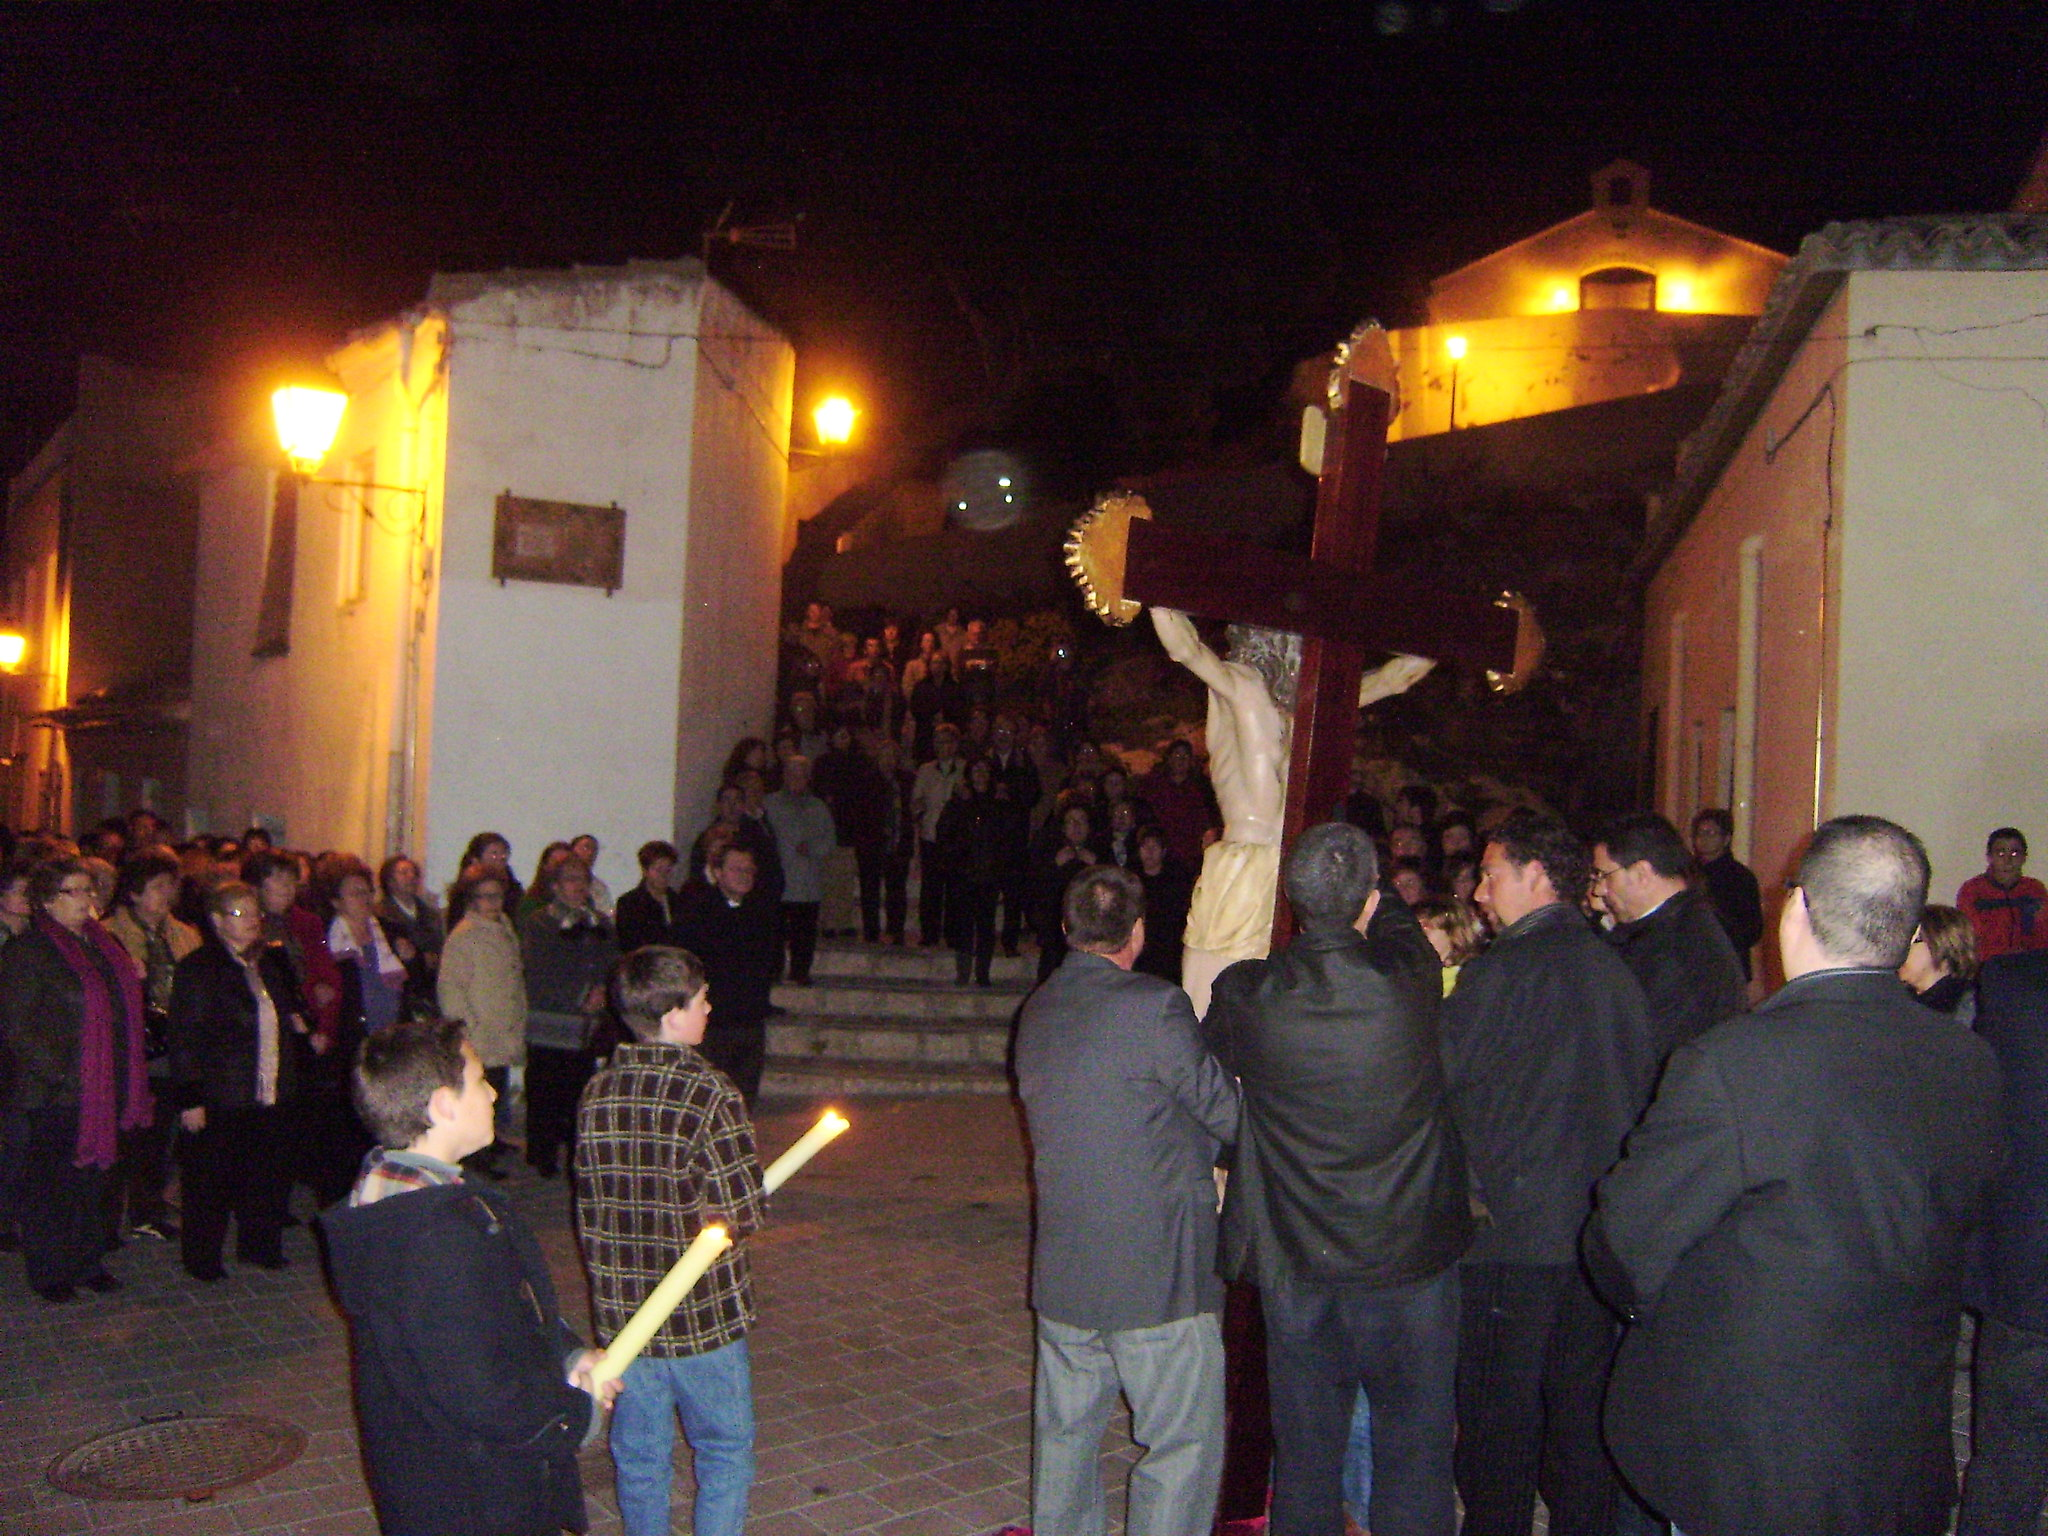 (2010-03-26) - I Vía Crucis nocturno - Javier Romero Ripoll - (18)